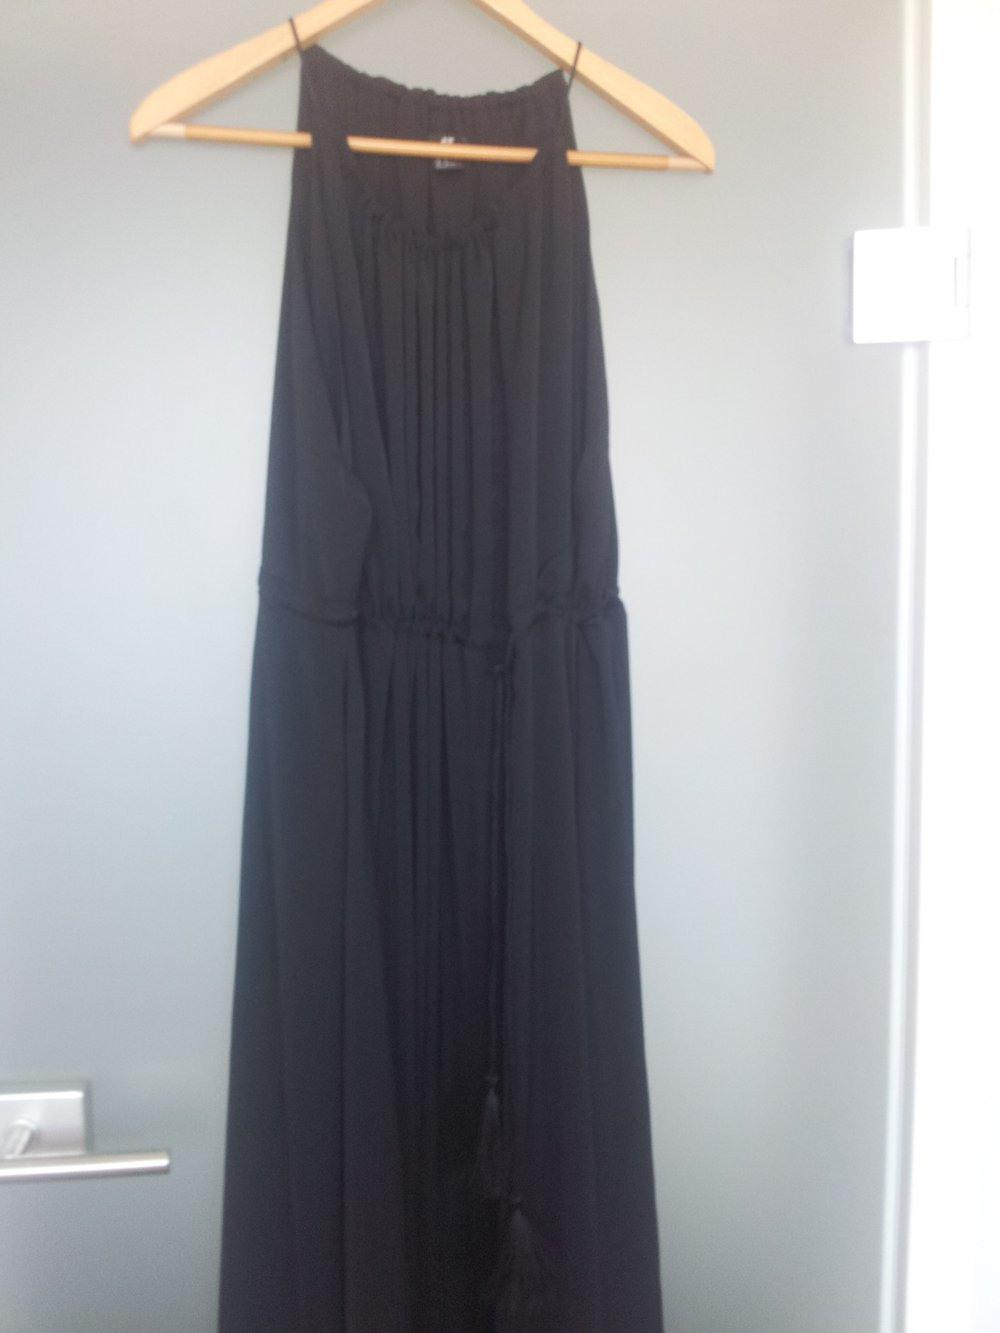 Formal Luxurius Schwarzes Bodenlanges Kleid Design Schön Schwarzes Bodenlanges Kleid Bester Preis